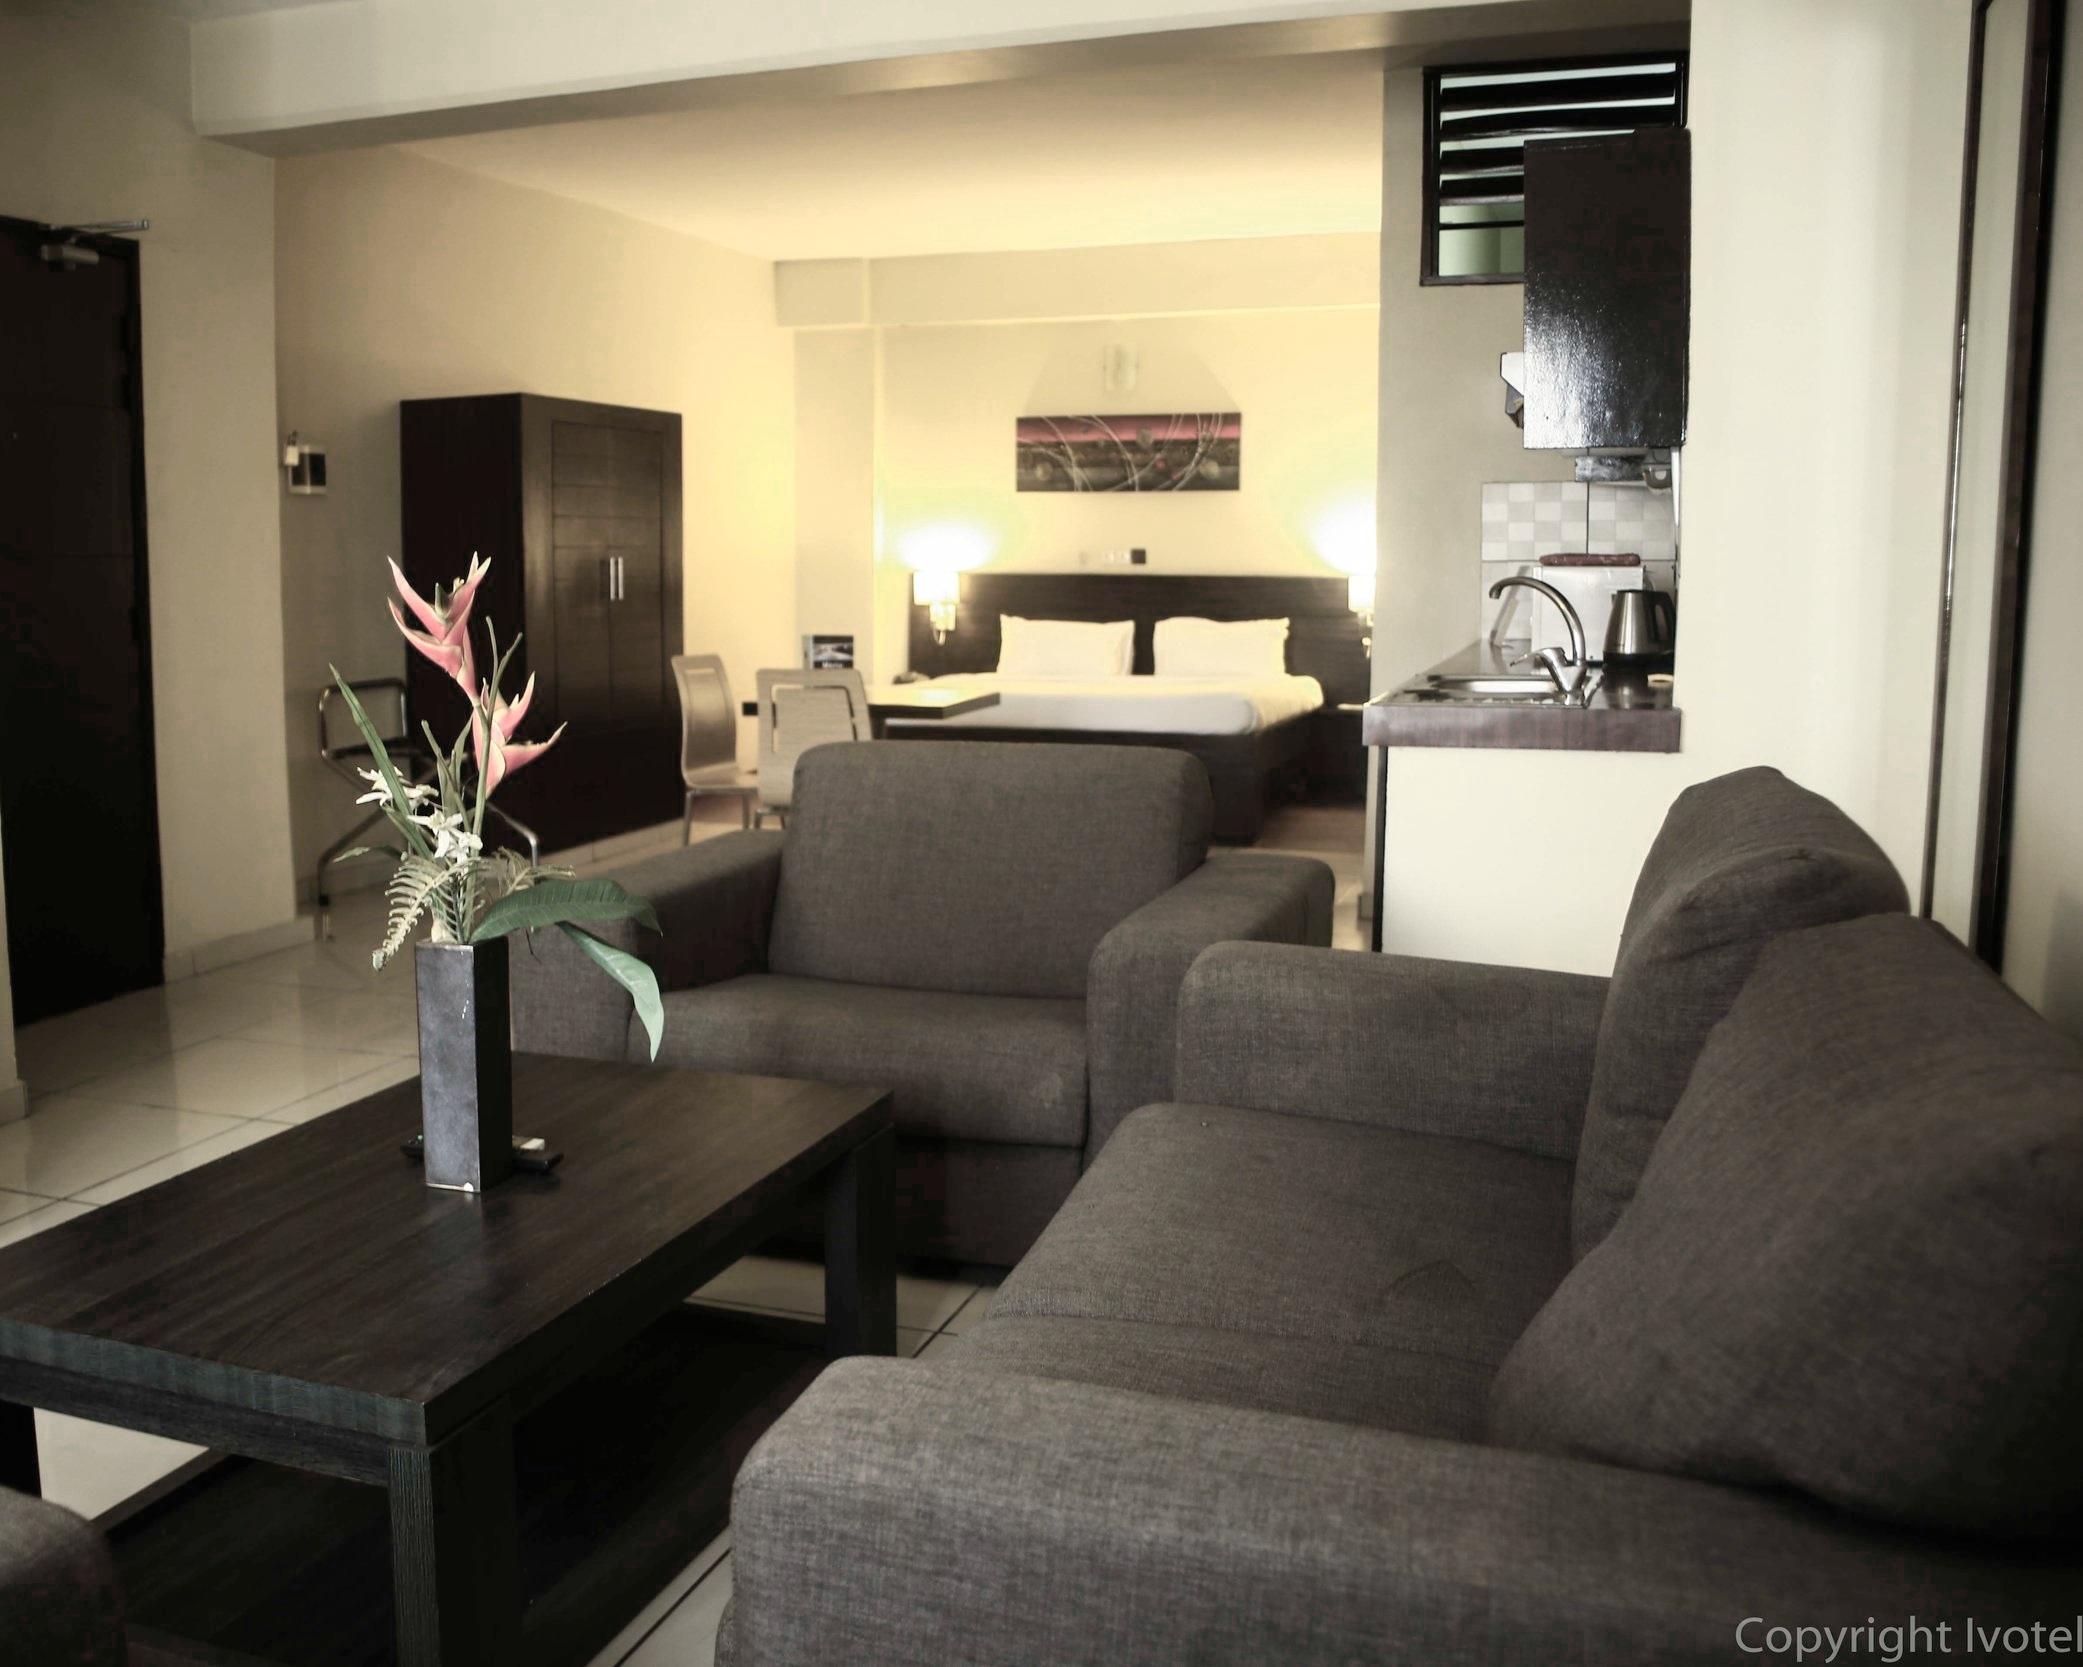 Studio - 32 m²